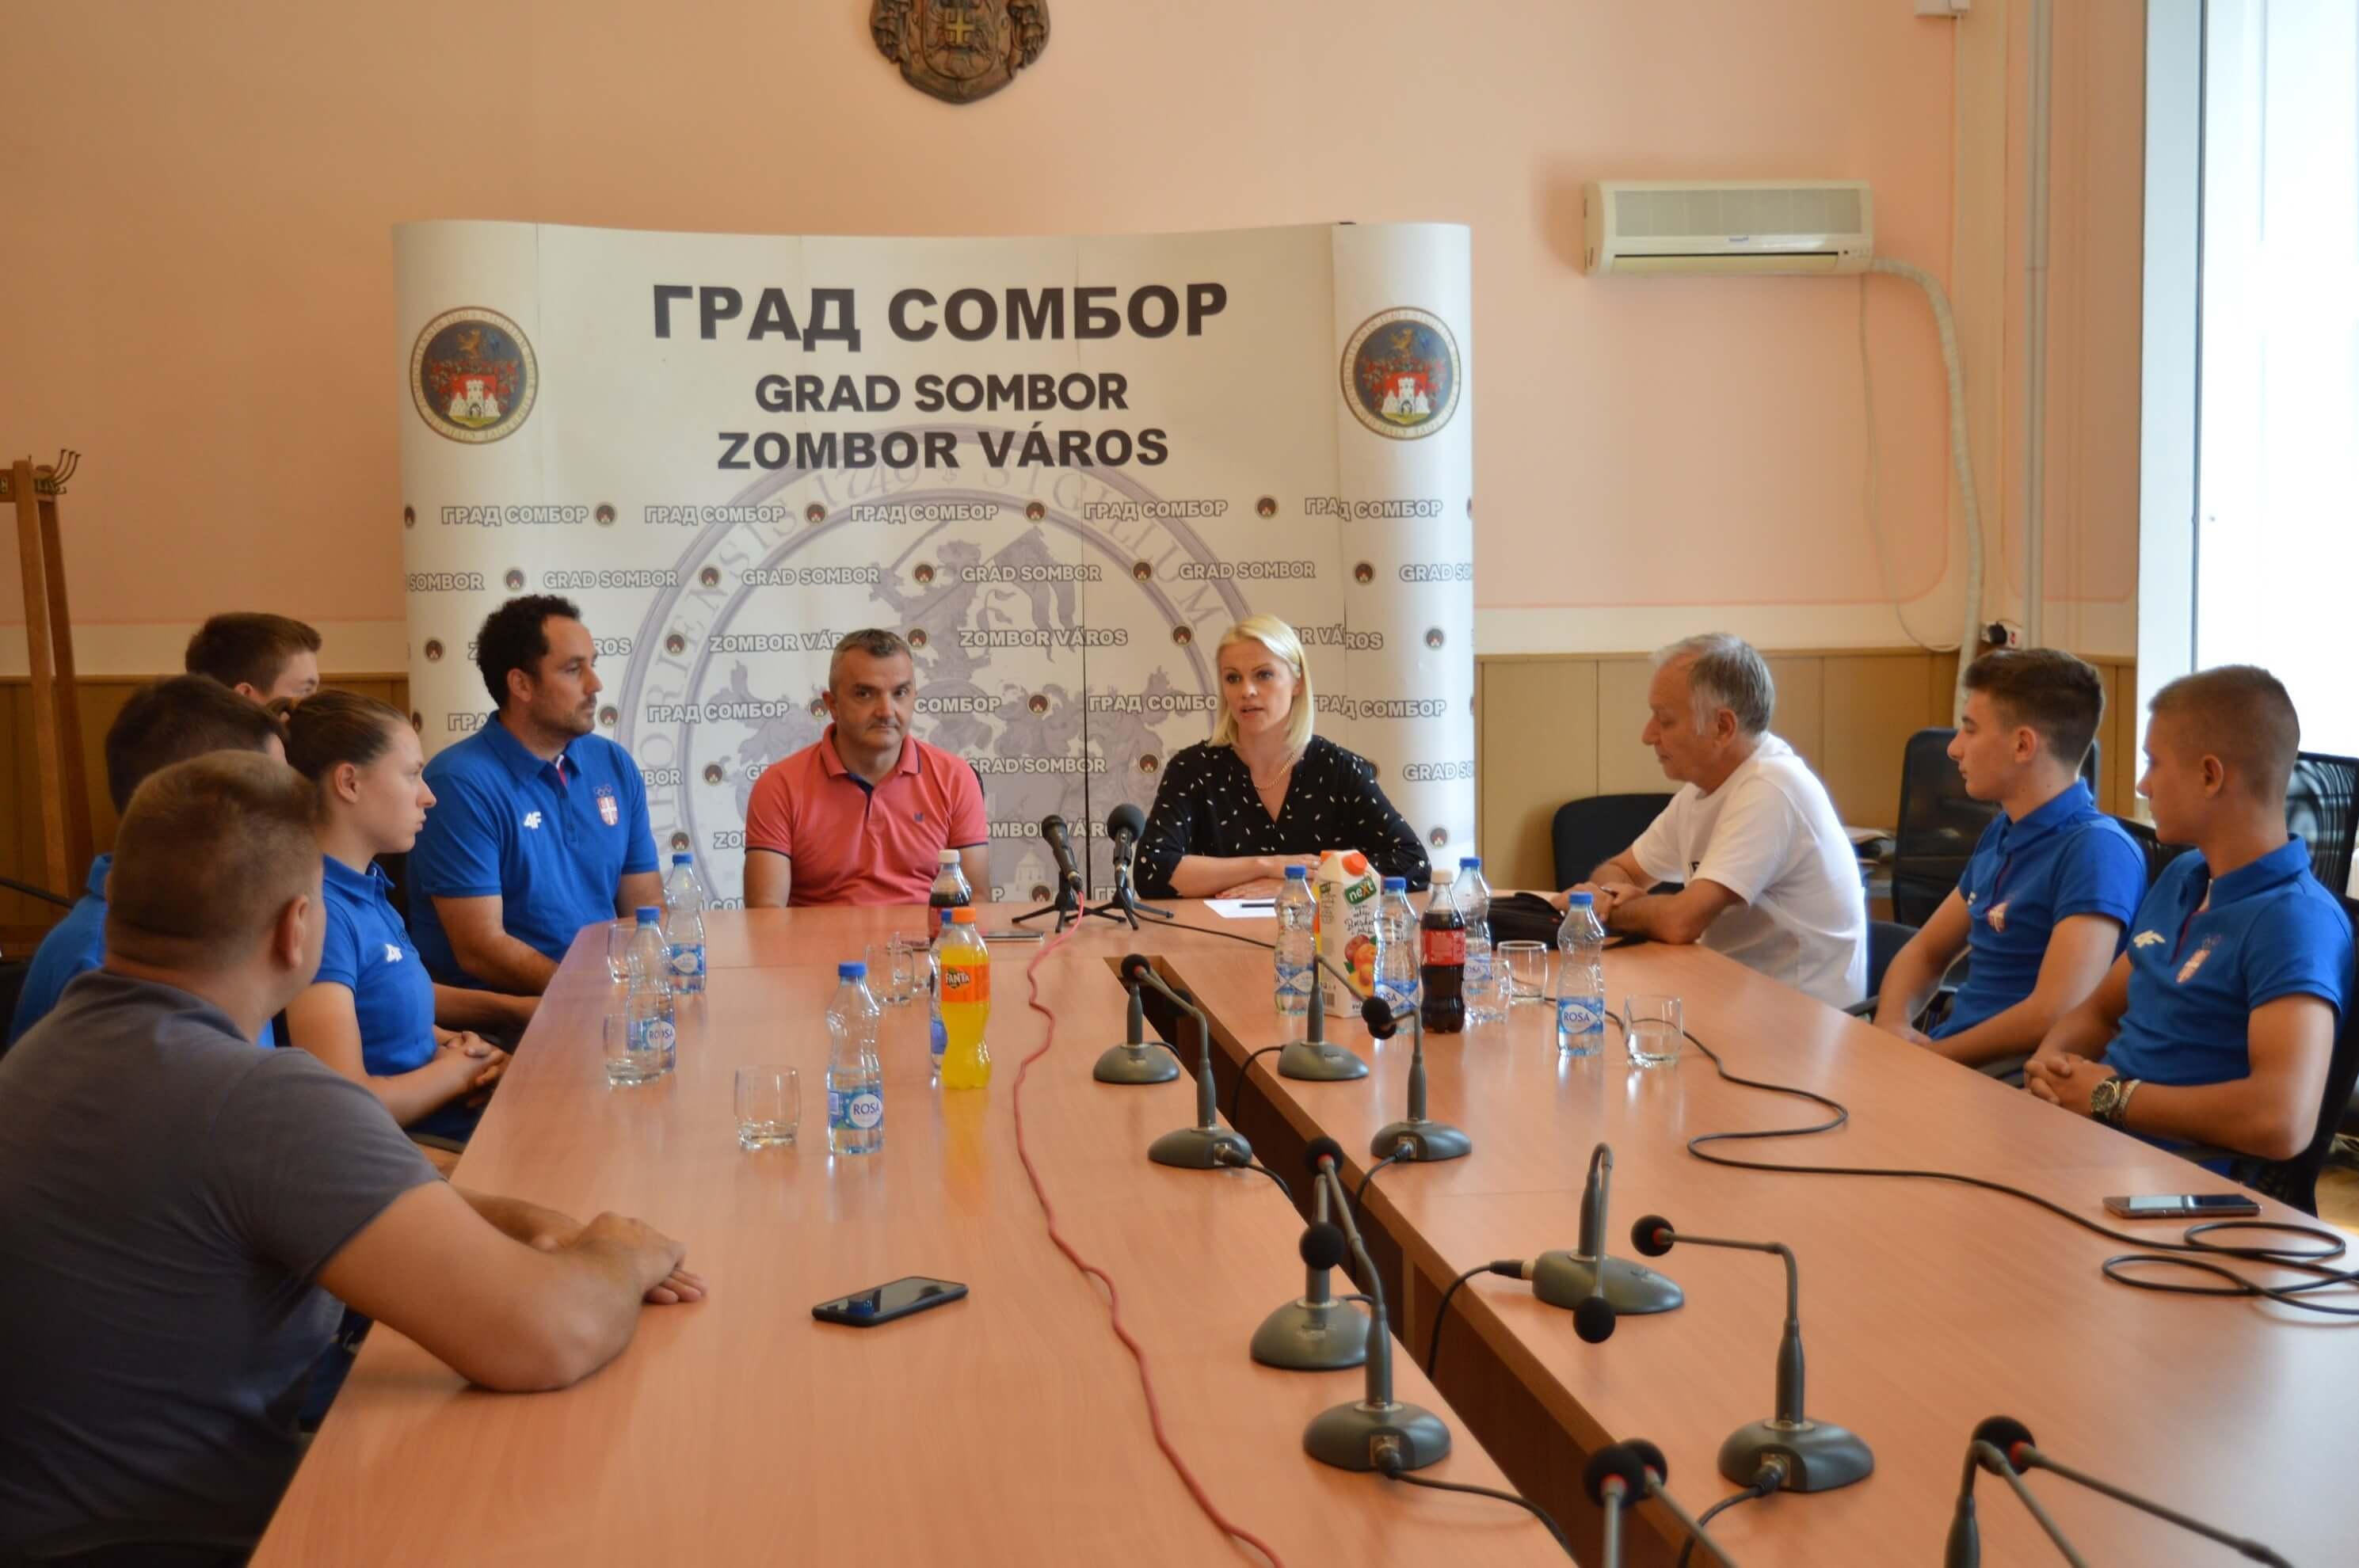 Олимпијски комитет уручио је спортску опрему Сомборцима који ће се такмичити на Европском олимпијском фестивалу младих